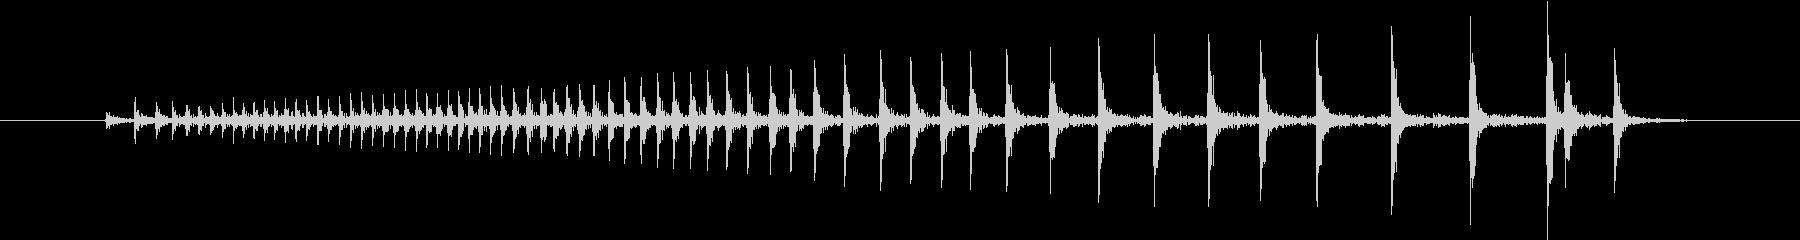 【生録音】ドアがきしむ音の未再生の波形